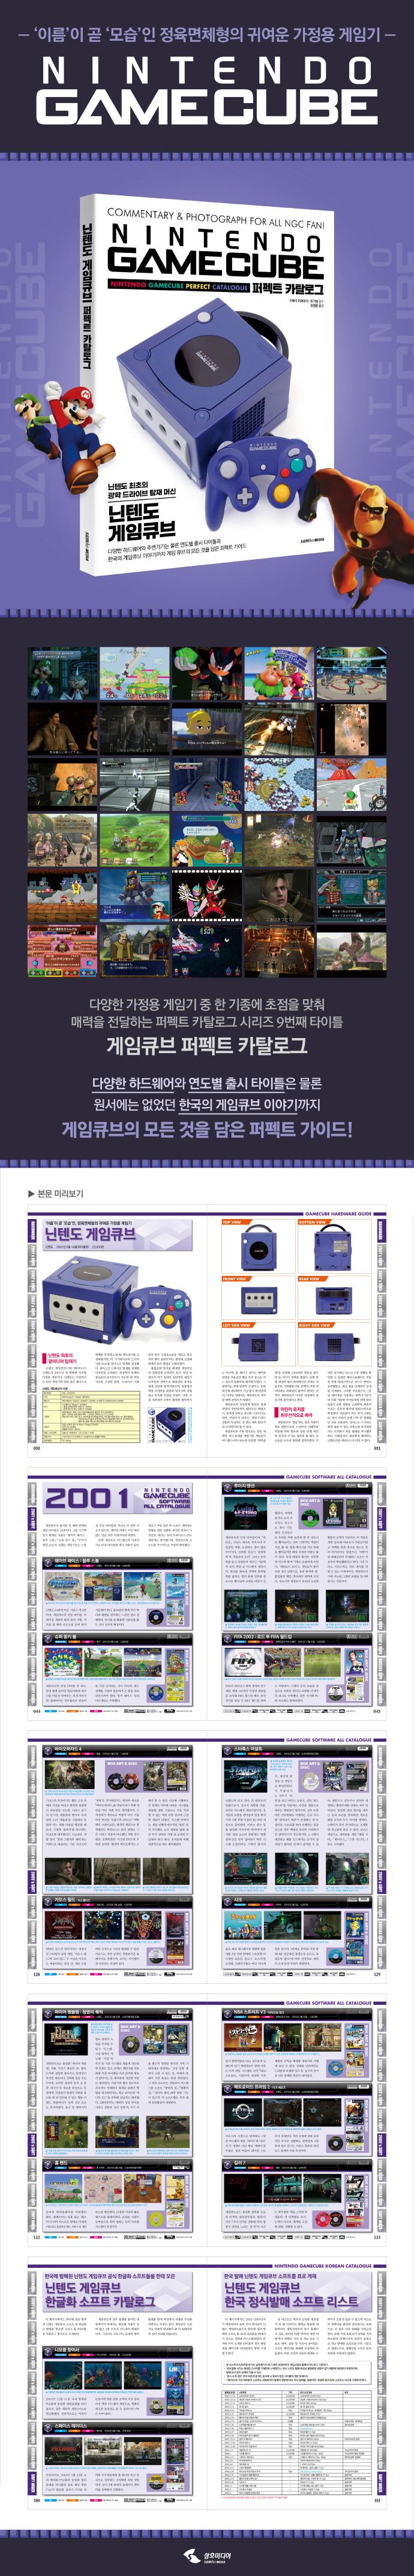 닌텐도 게임큐브 퍼펙트 카탈로그 도서 상세이미지